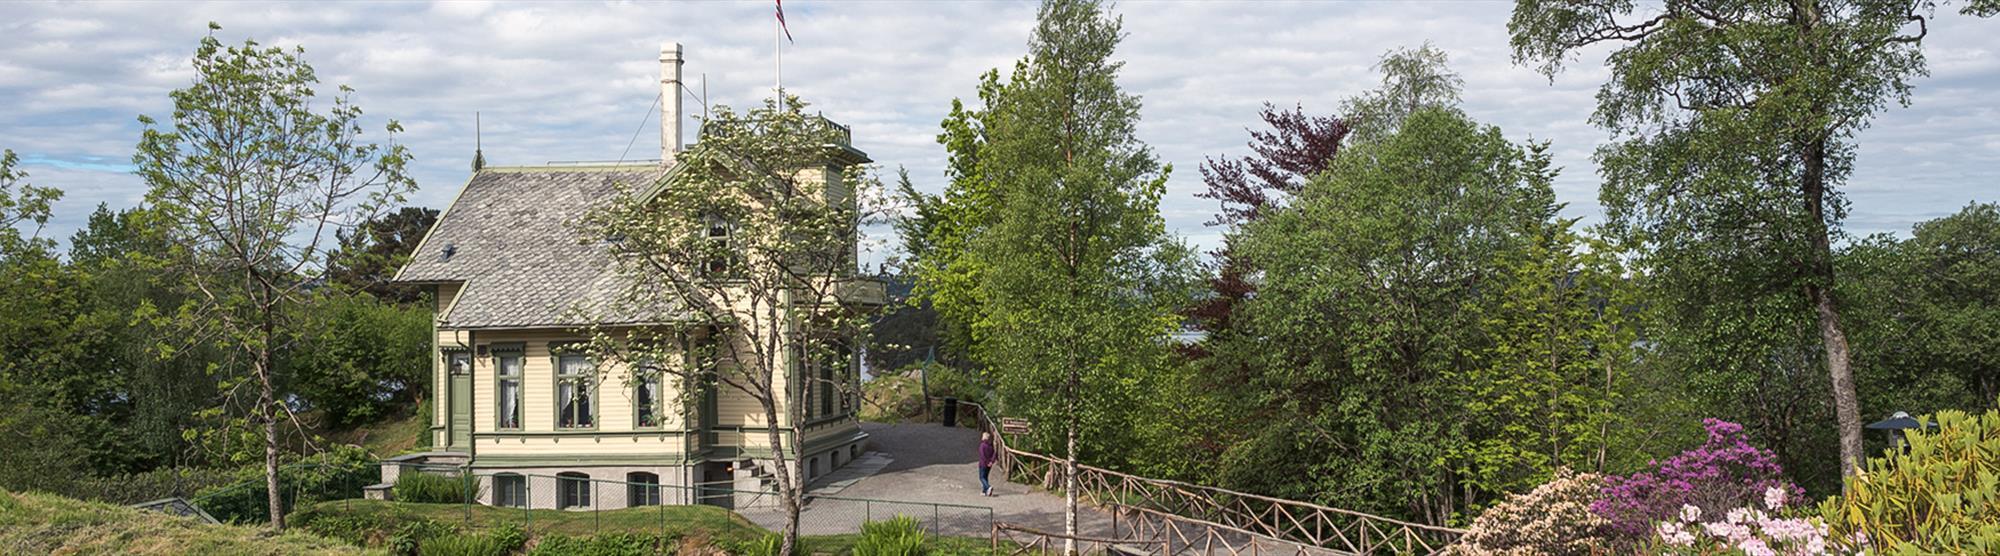 Edvard Grieg Museum Troldhaugen